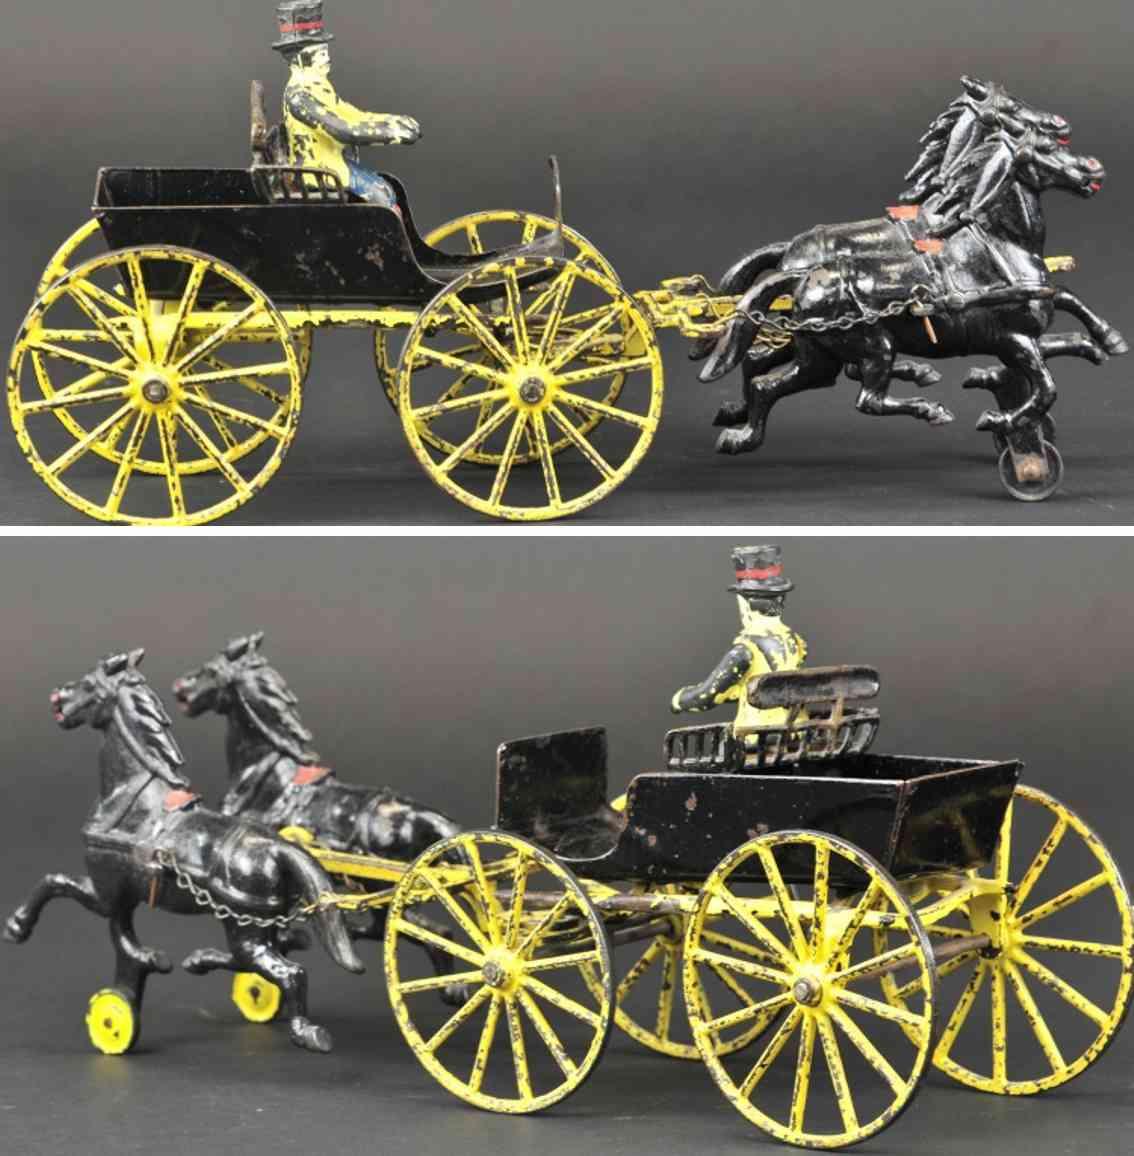 wilkins spielzeug gusseisen sthalblech surrey einsitzige kutsche zwei pferde